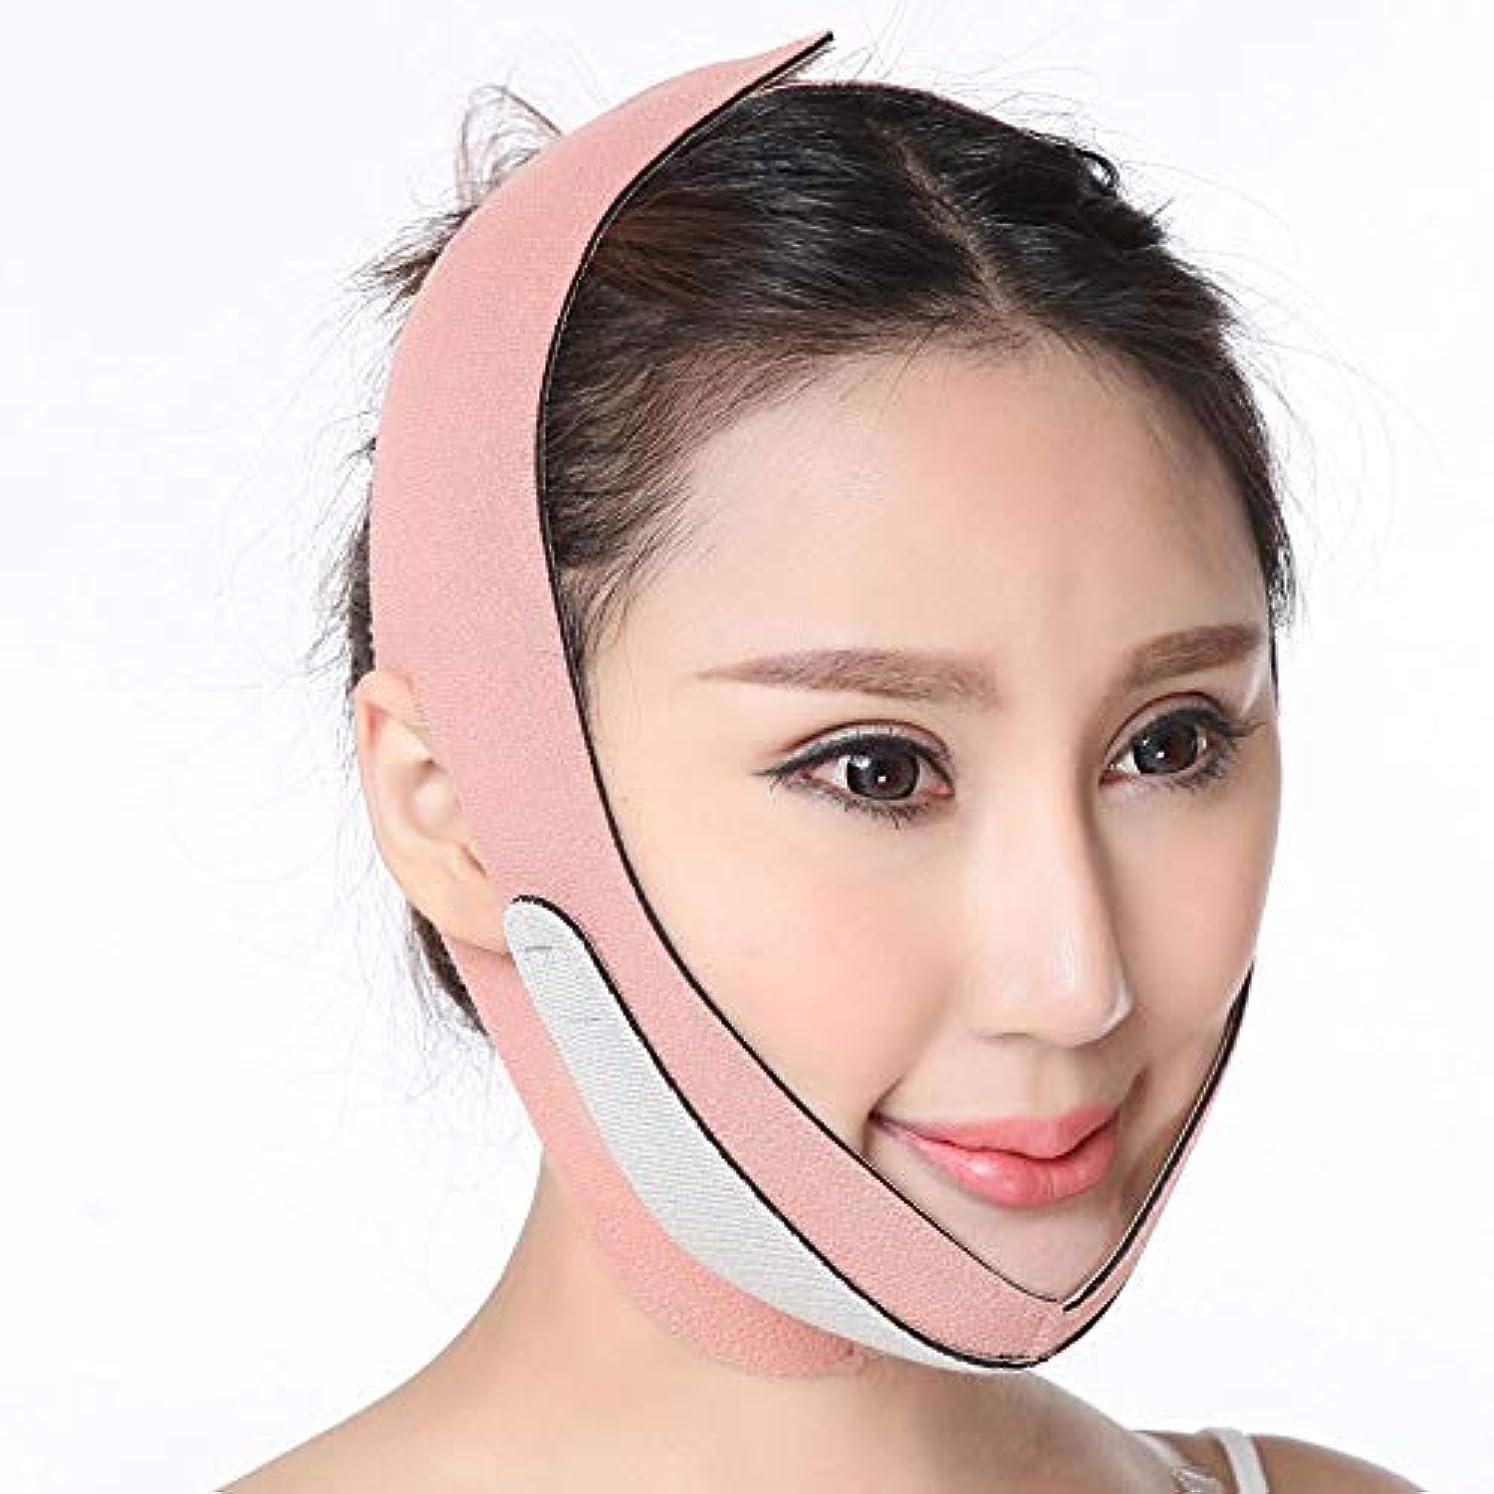 ゲインセイ暴動義務的HEMFV 顔のスリミングベルトマスクストラップ美容通気性のフェイス二重あごケア減量包帯